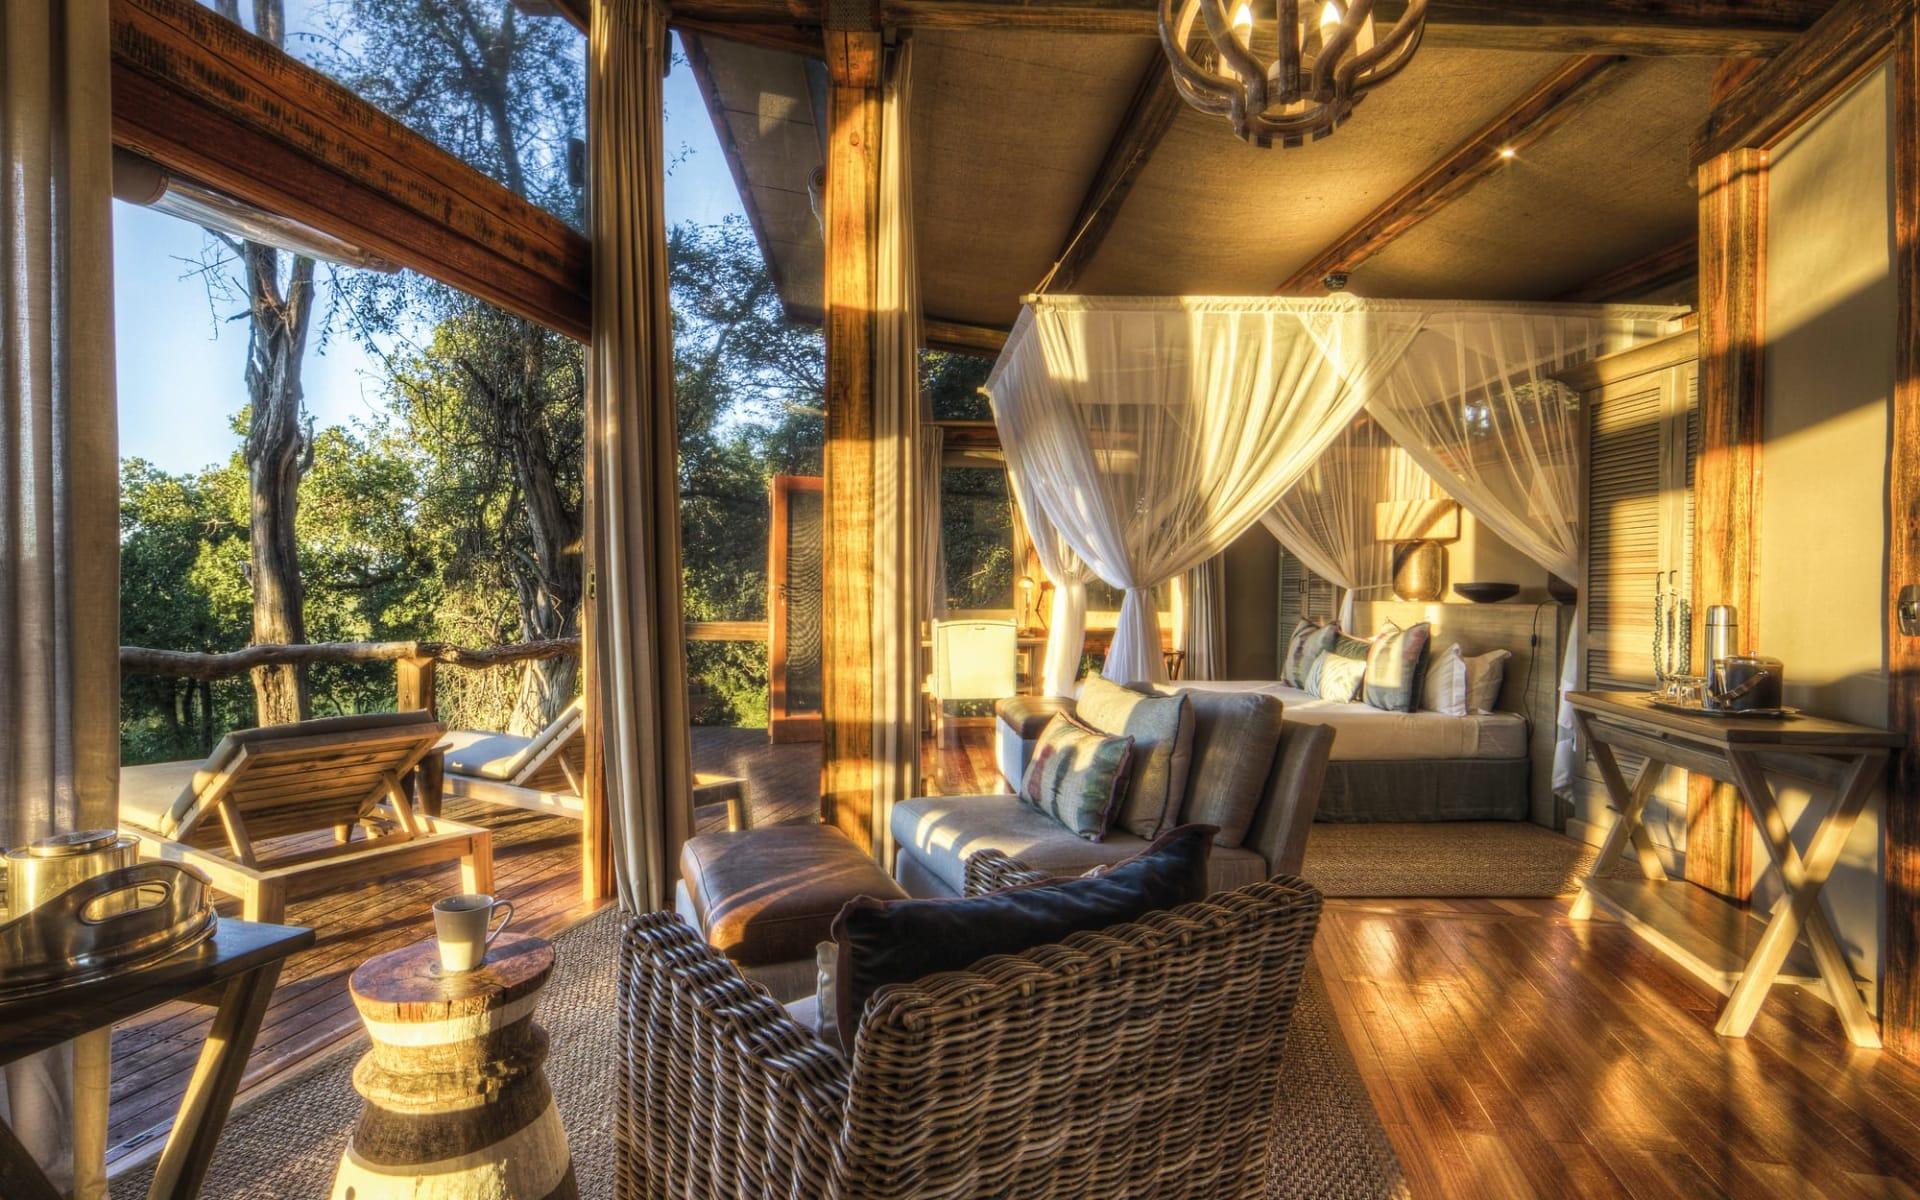 Camp Okavango in Okavango Delta: Camp Okavango - Zimmer mit Bett und Sessel